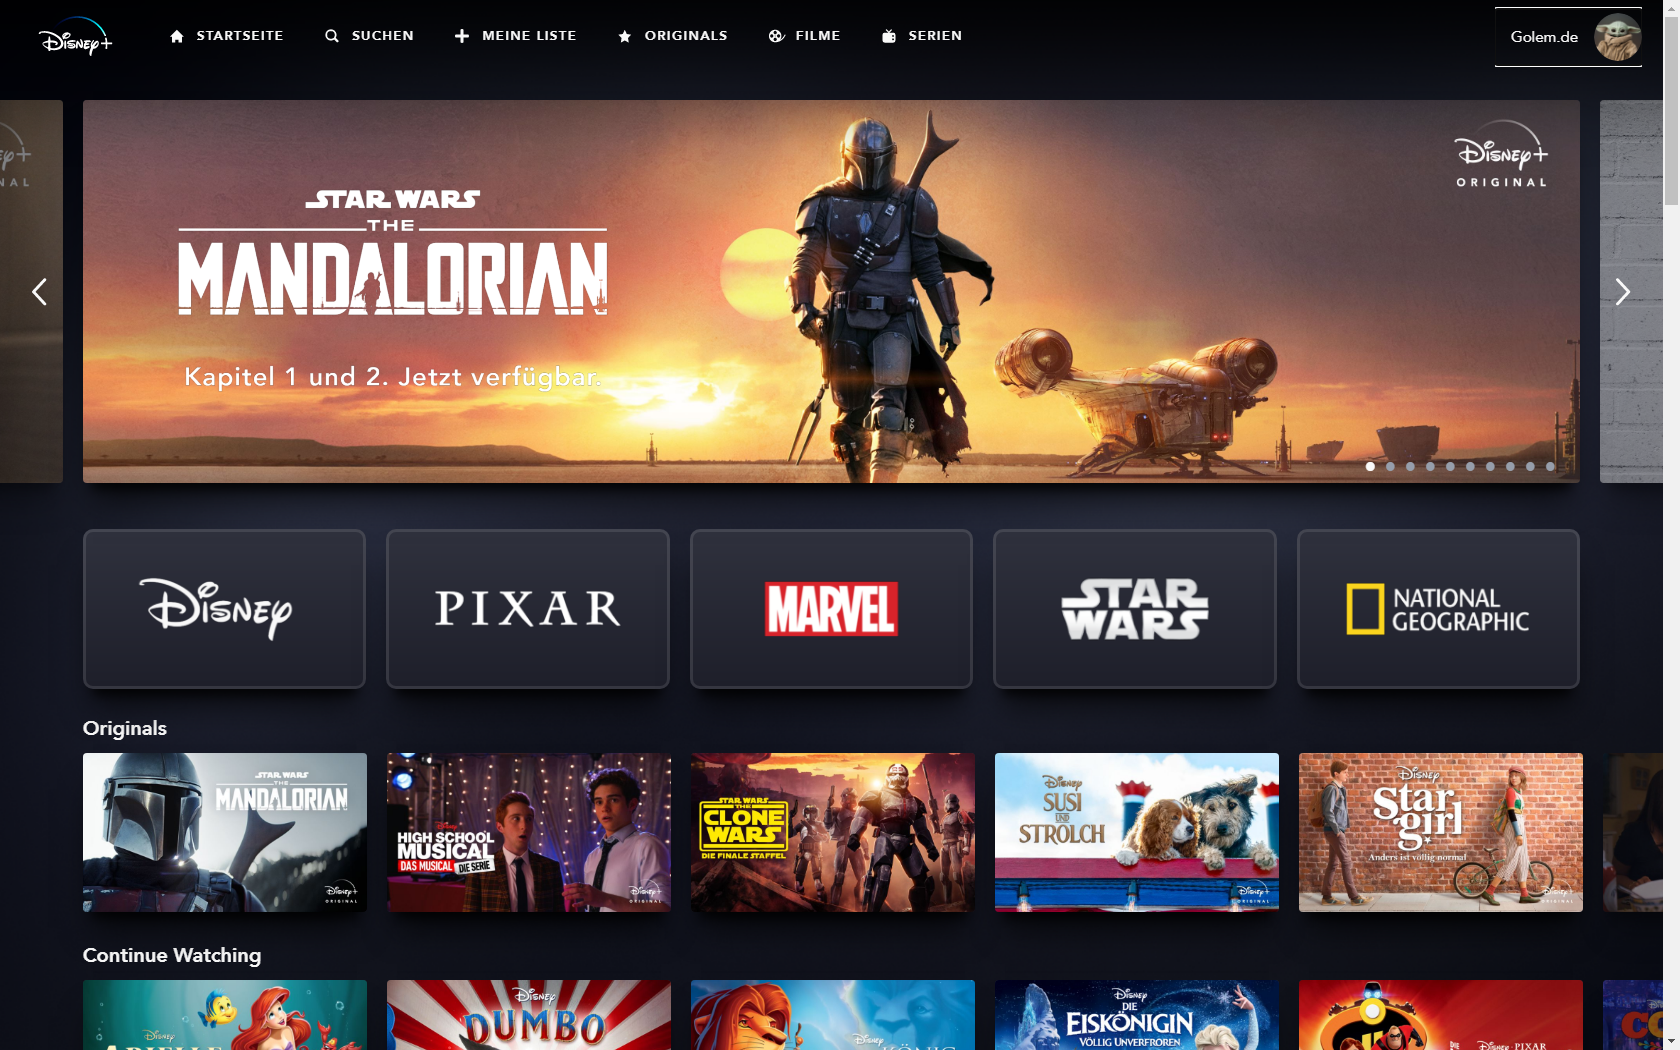 Konkurrenz für Netflix und Prime Video: Disney nennt Filme und Serien für Disney+ in Deutschland - Hauptbildschirm von Disney+ (Bild: Disney+/Screenshot: Golem.de)